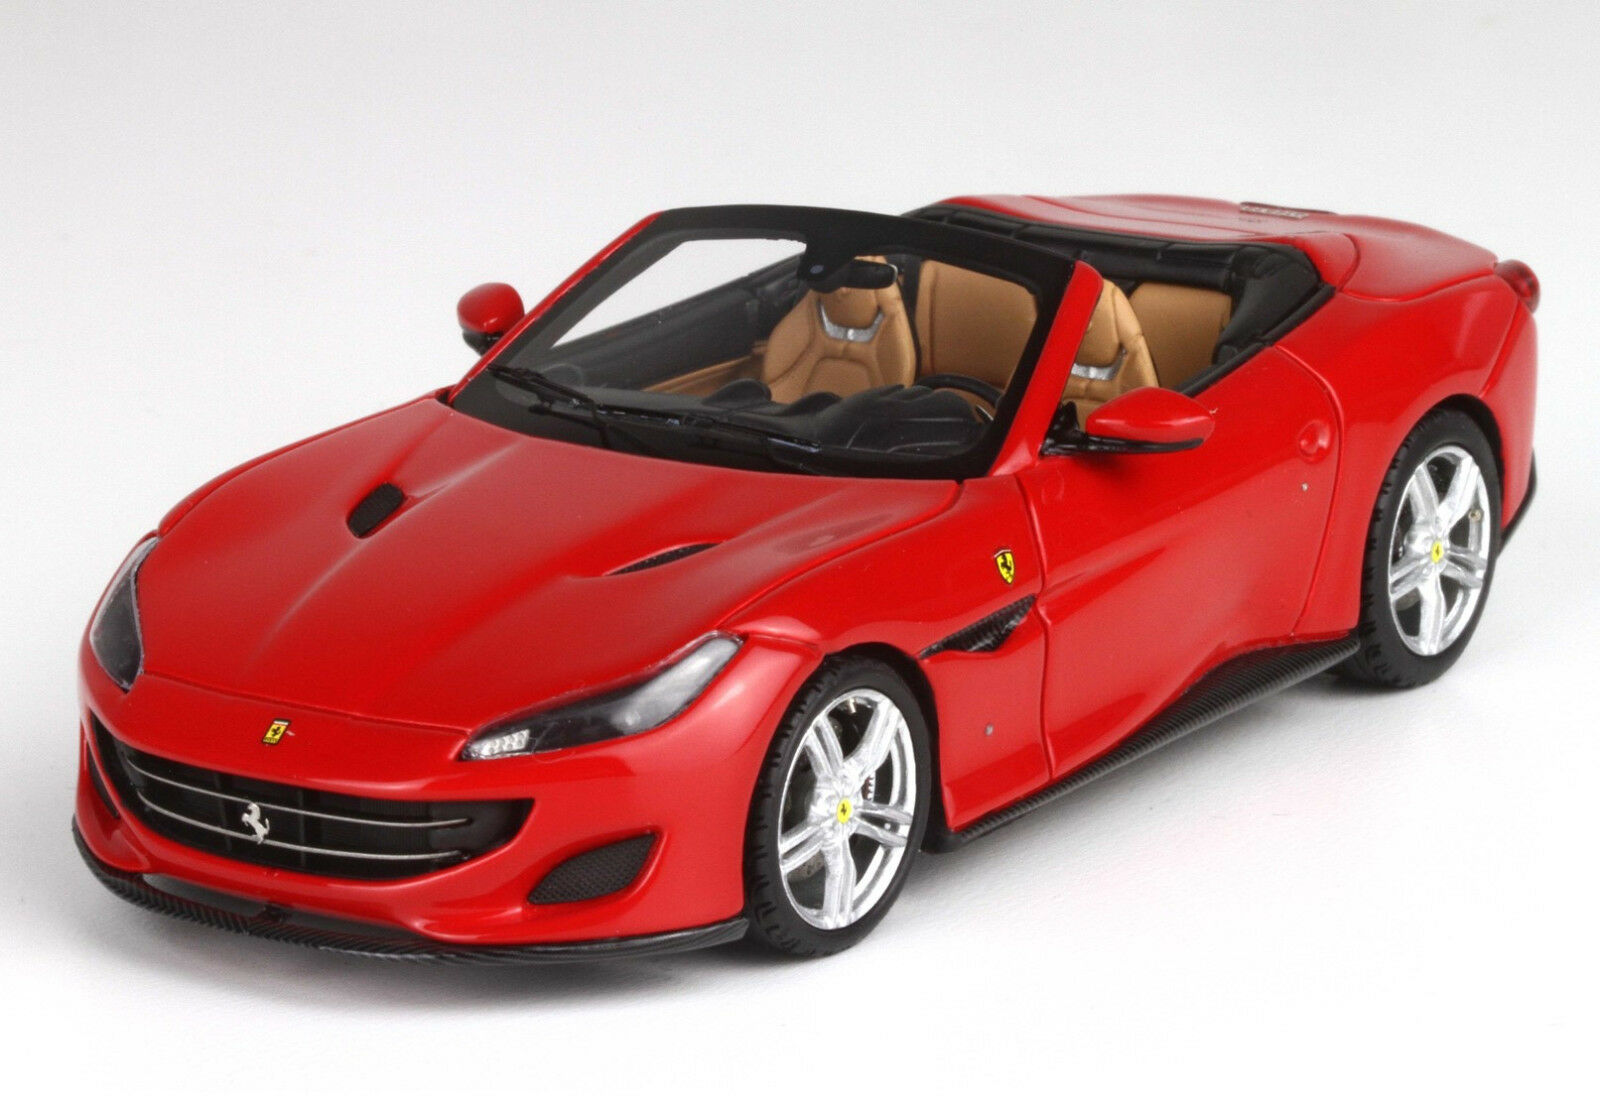 al precio mas bajo Ferrari Ferrari Ferrari Portofino Spider versión BBR limitado a 159 unidades 1 43 nuevo embalaje original  la red entera más baja